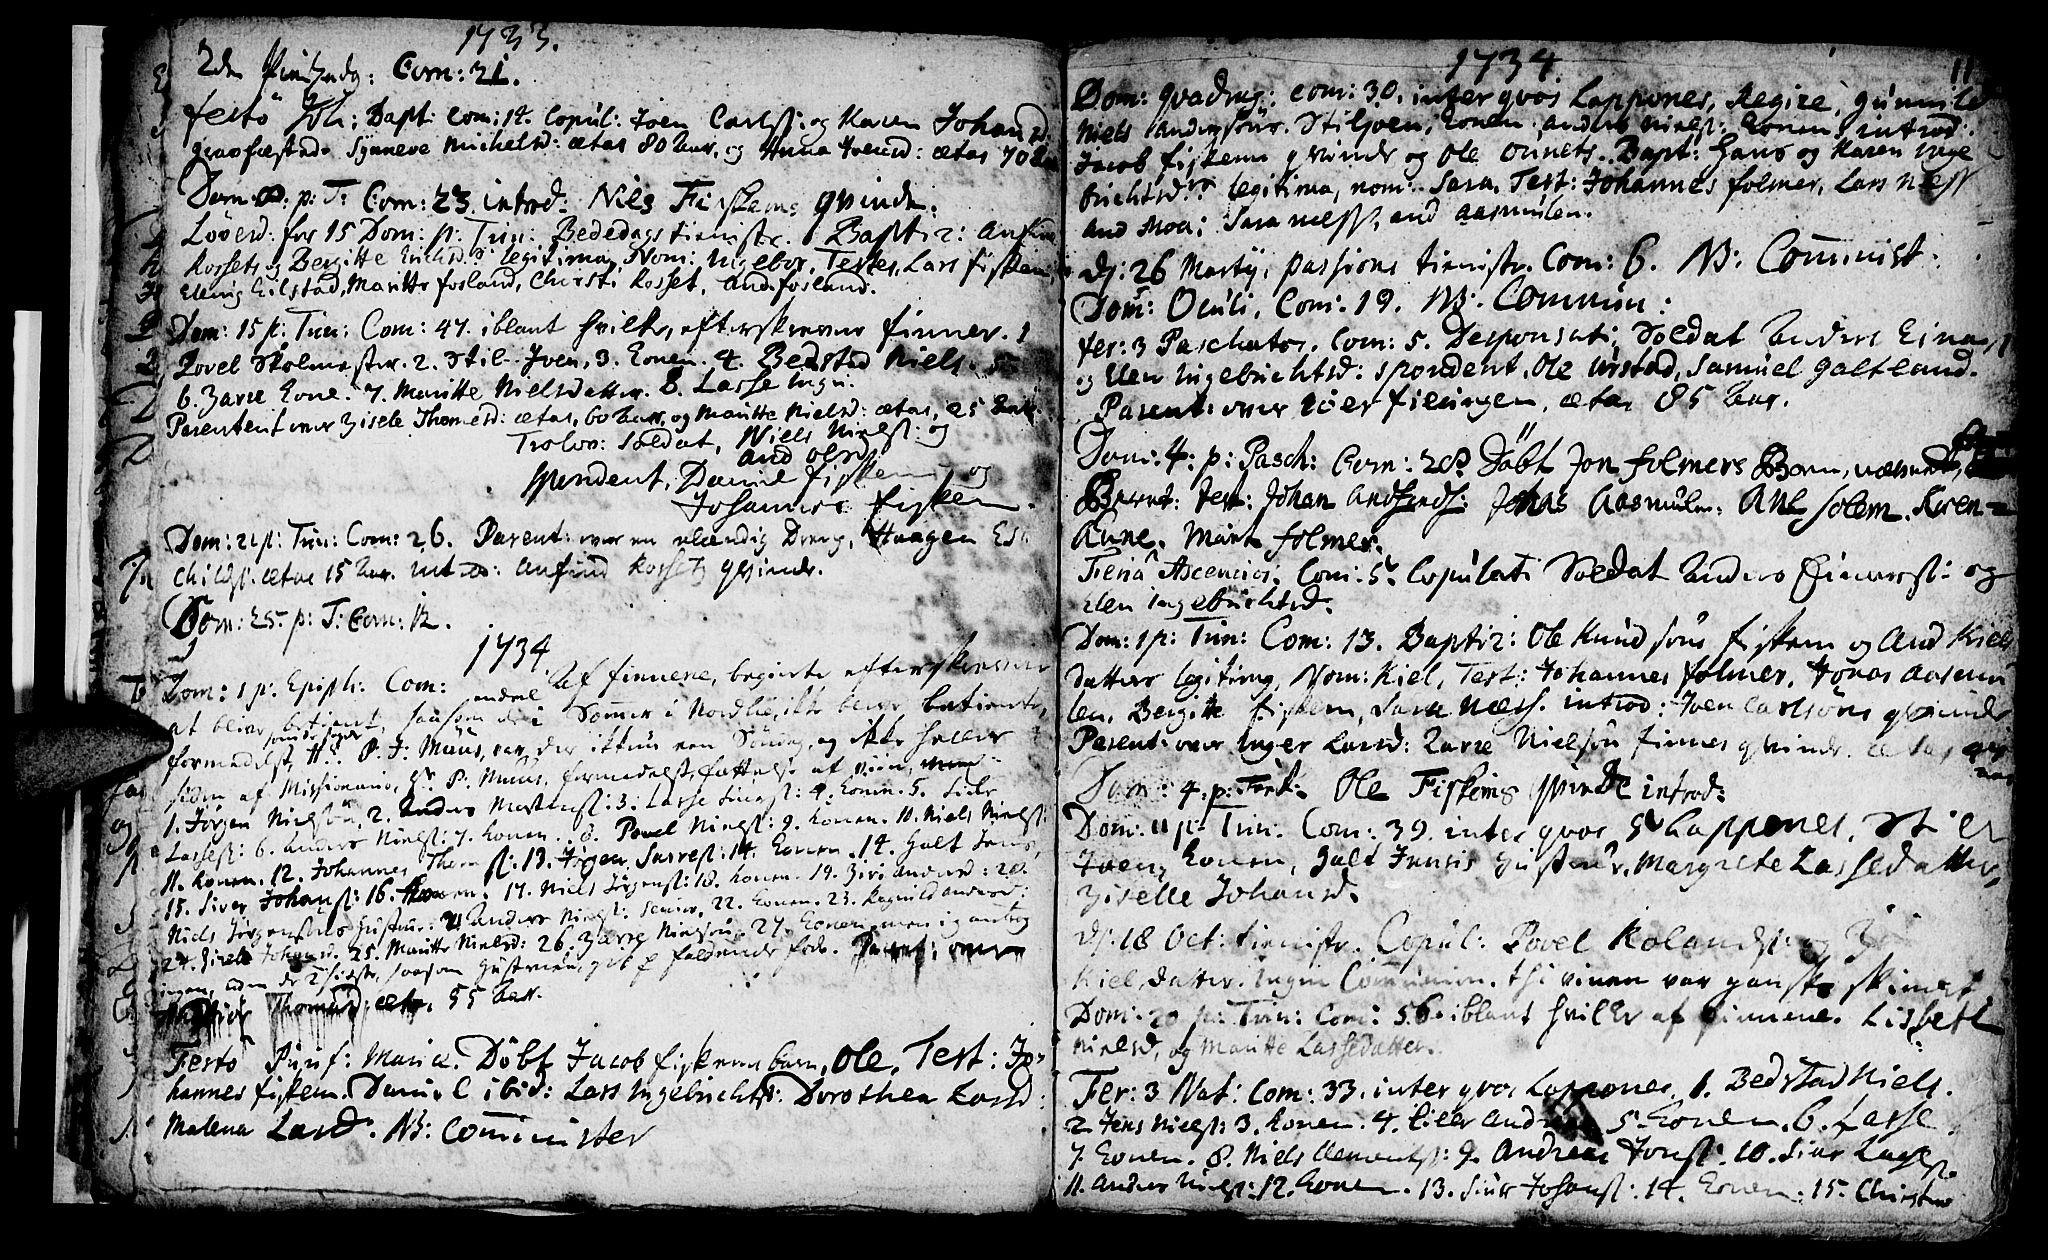 SAT, Ministerialprotokoller, klokkerbøker og fødselsregistre - Nord-Trøndelag, 759/L0525: Ministerialbok nr. 759A01, 1706-1748, s. 11